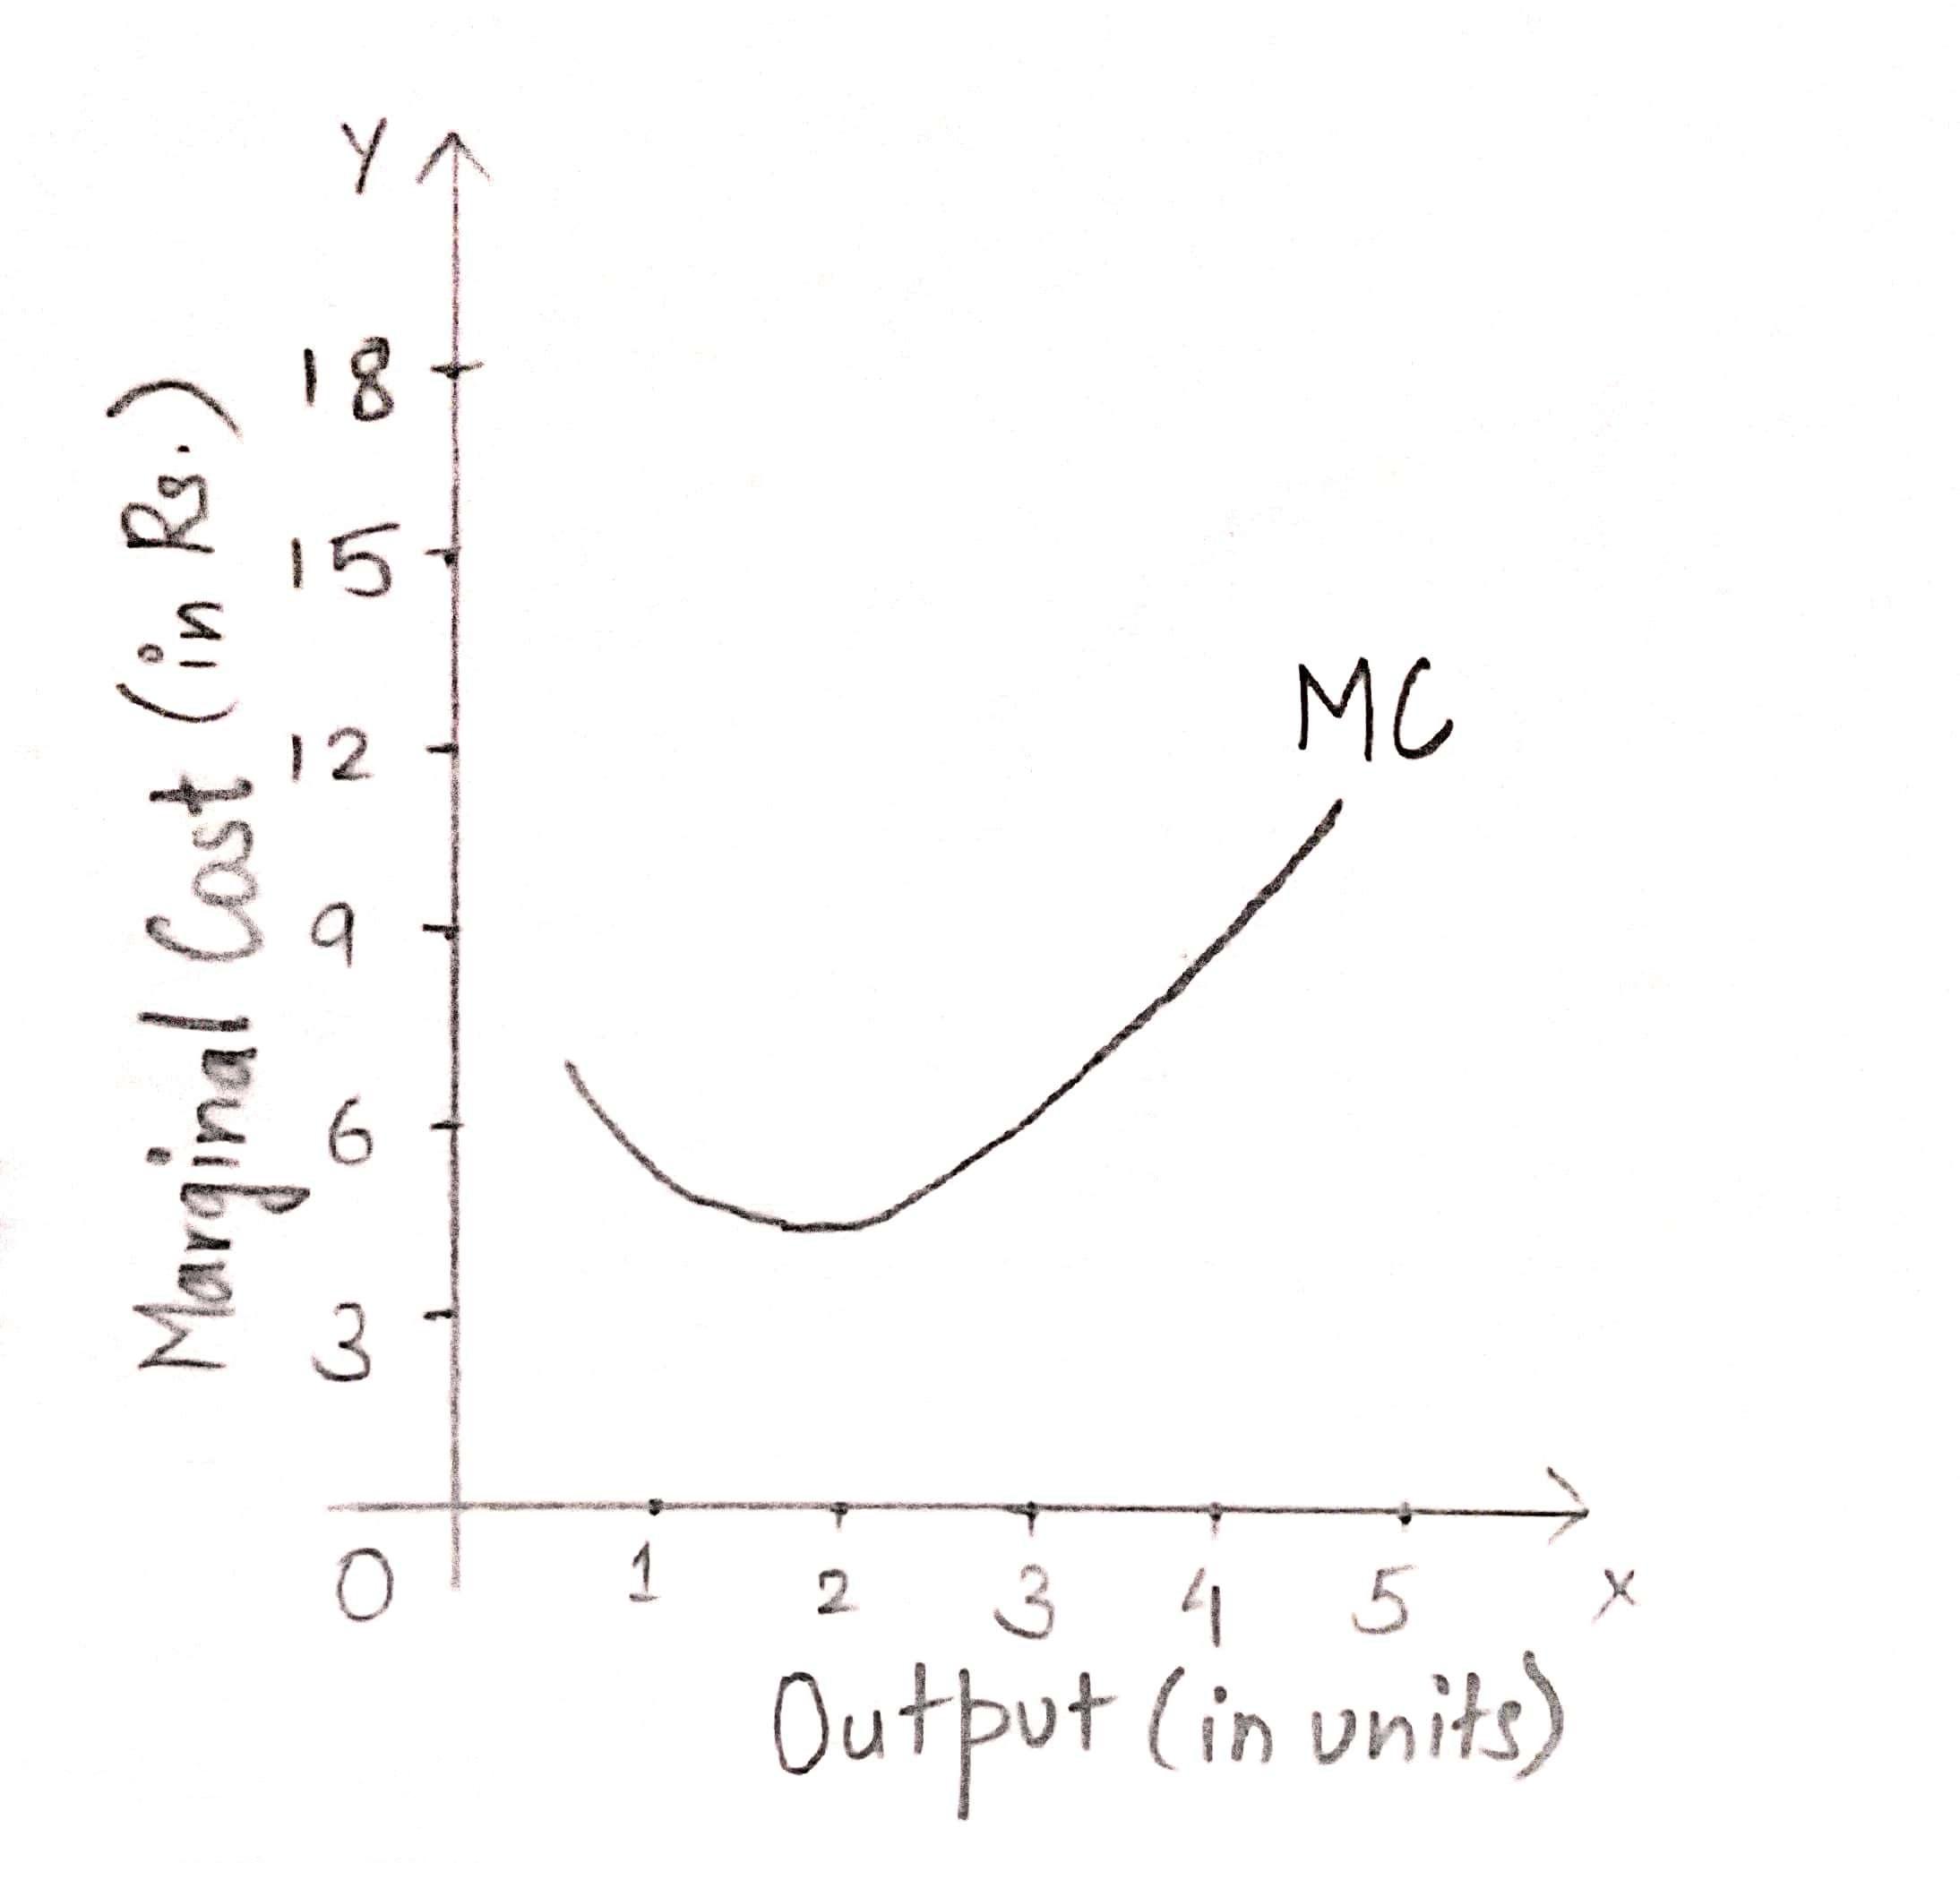 Short run cost graph 2